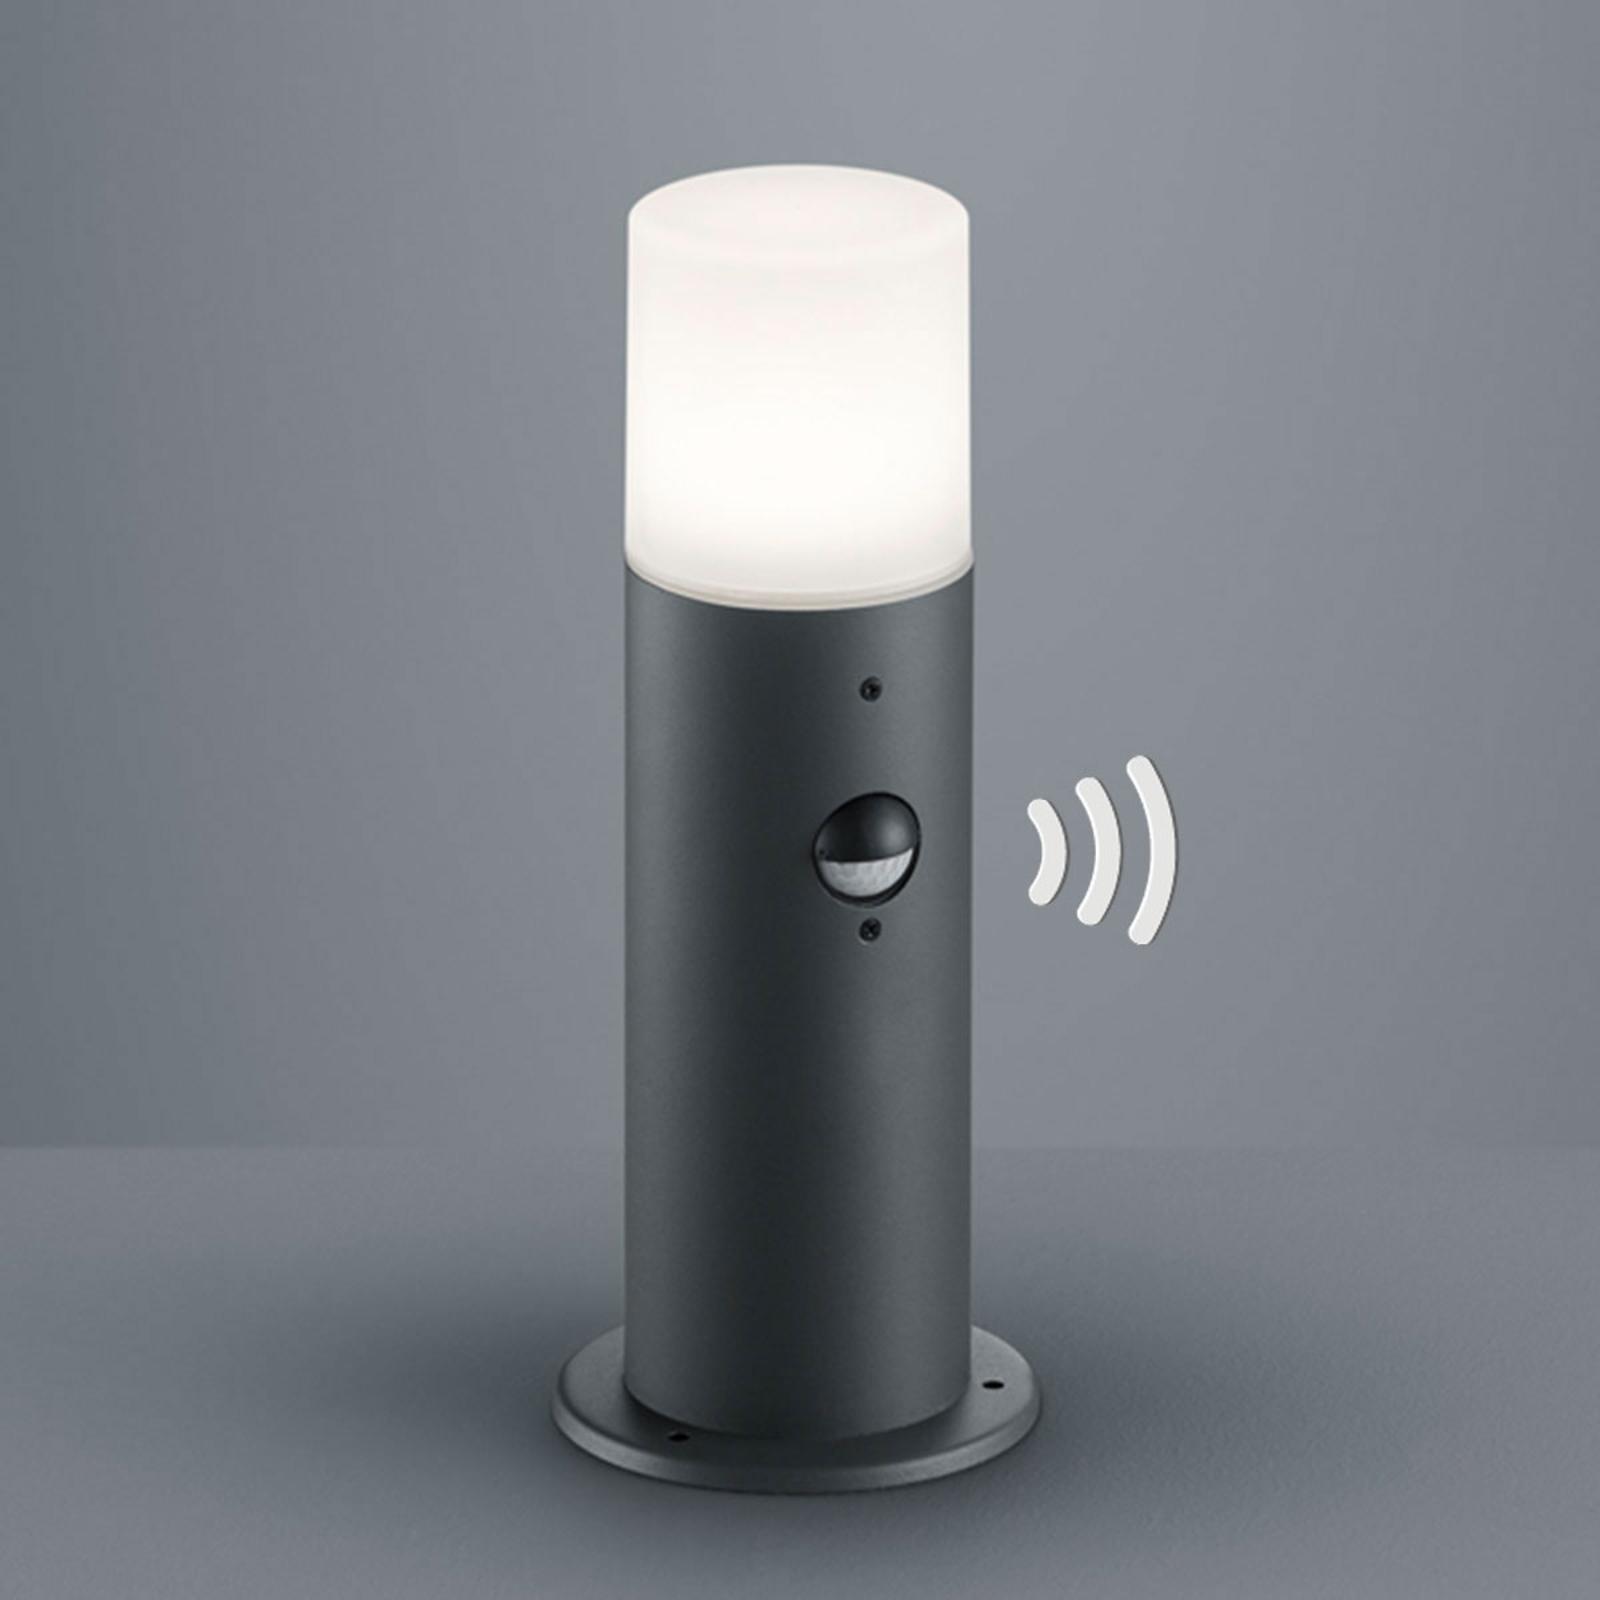 Lampe pour socle pratique Hoosic avec détecteur